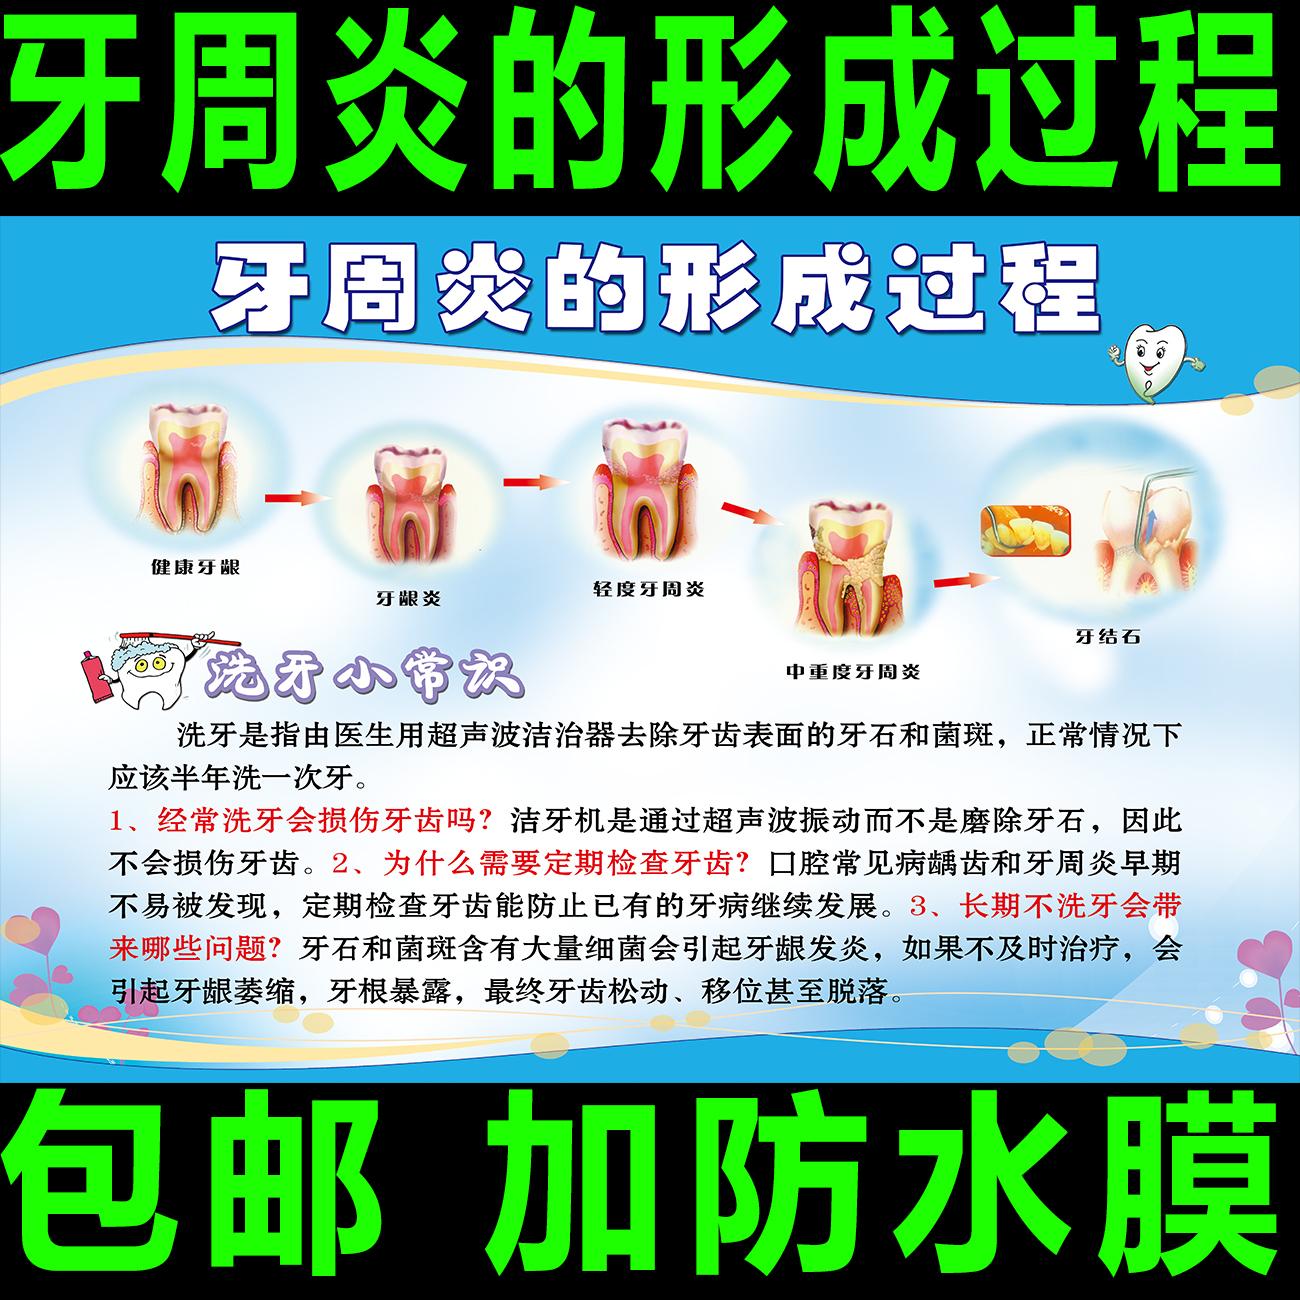 海报口腔科广告门诊过程宣传画挂图牙周炎的形成牙科诊所知识